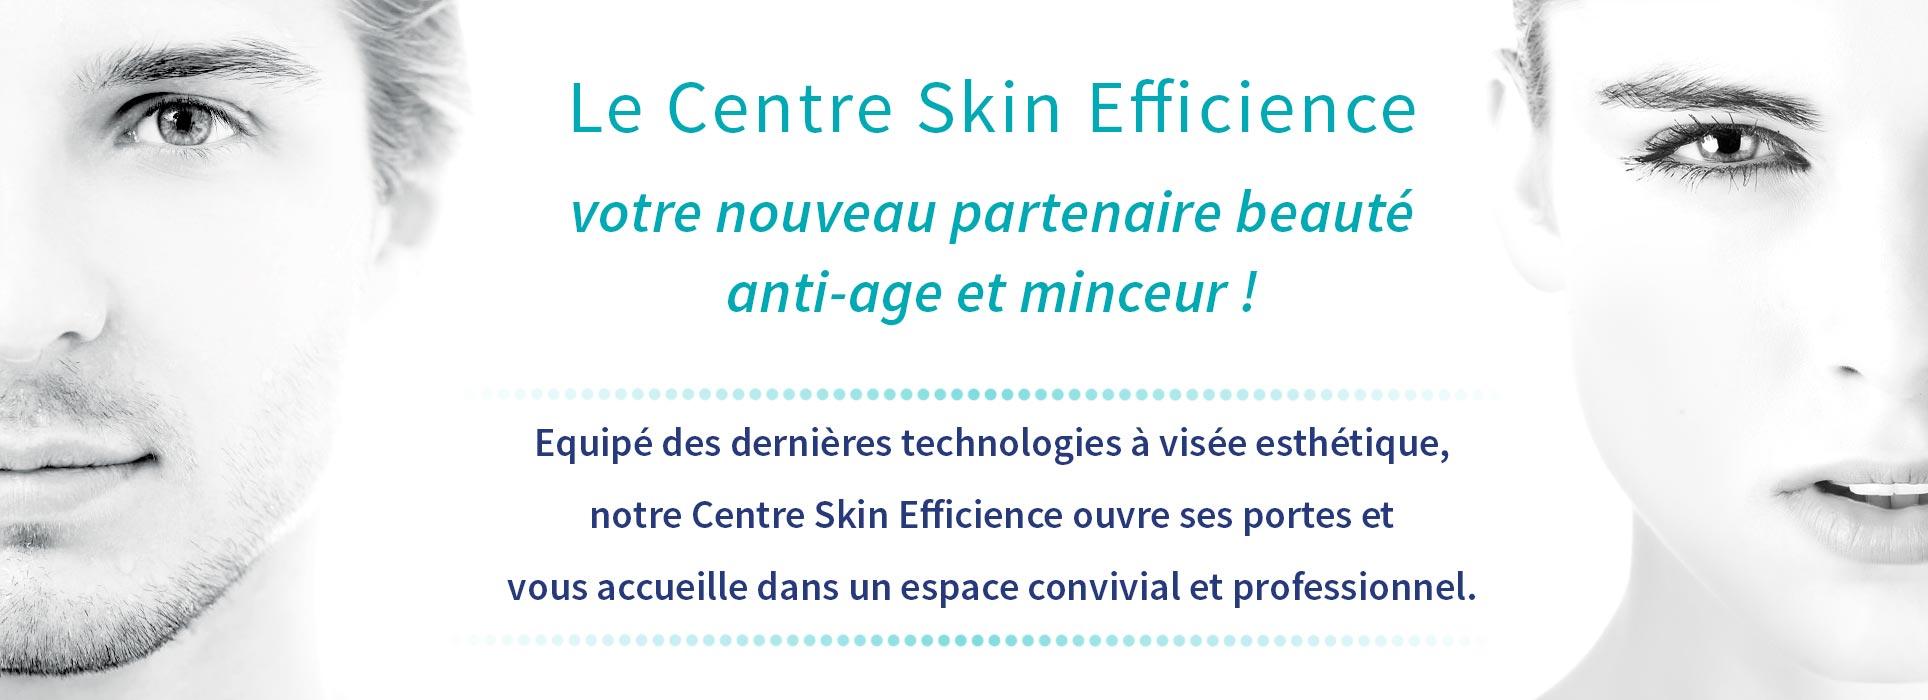 accueil-skin-efficience-paris-anti-age-et-minceur1